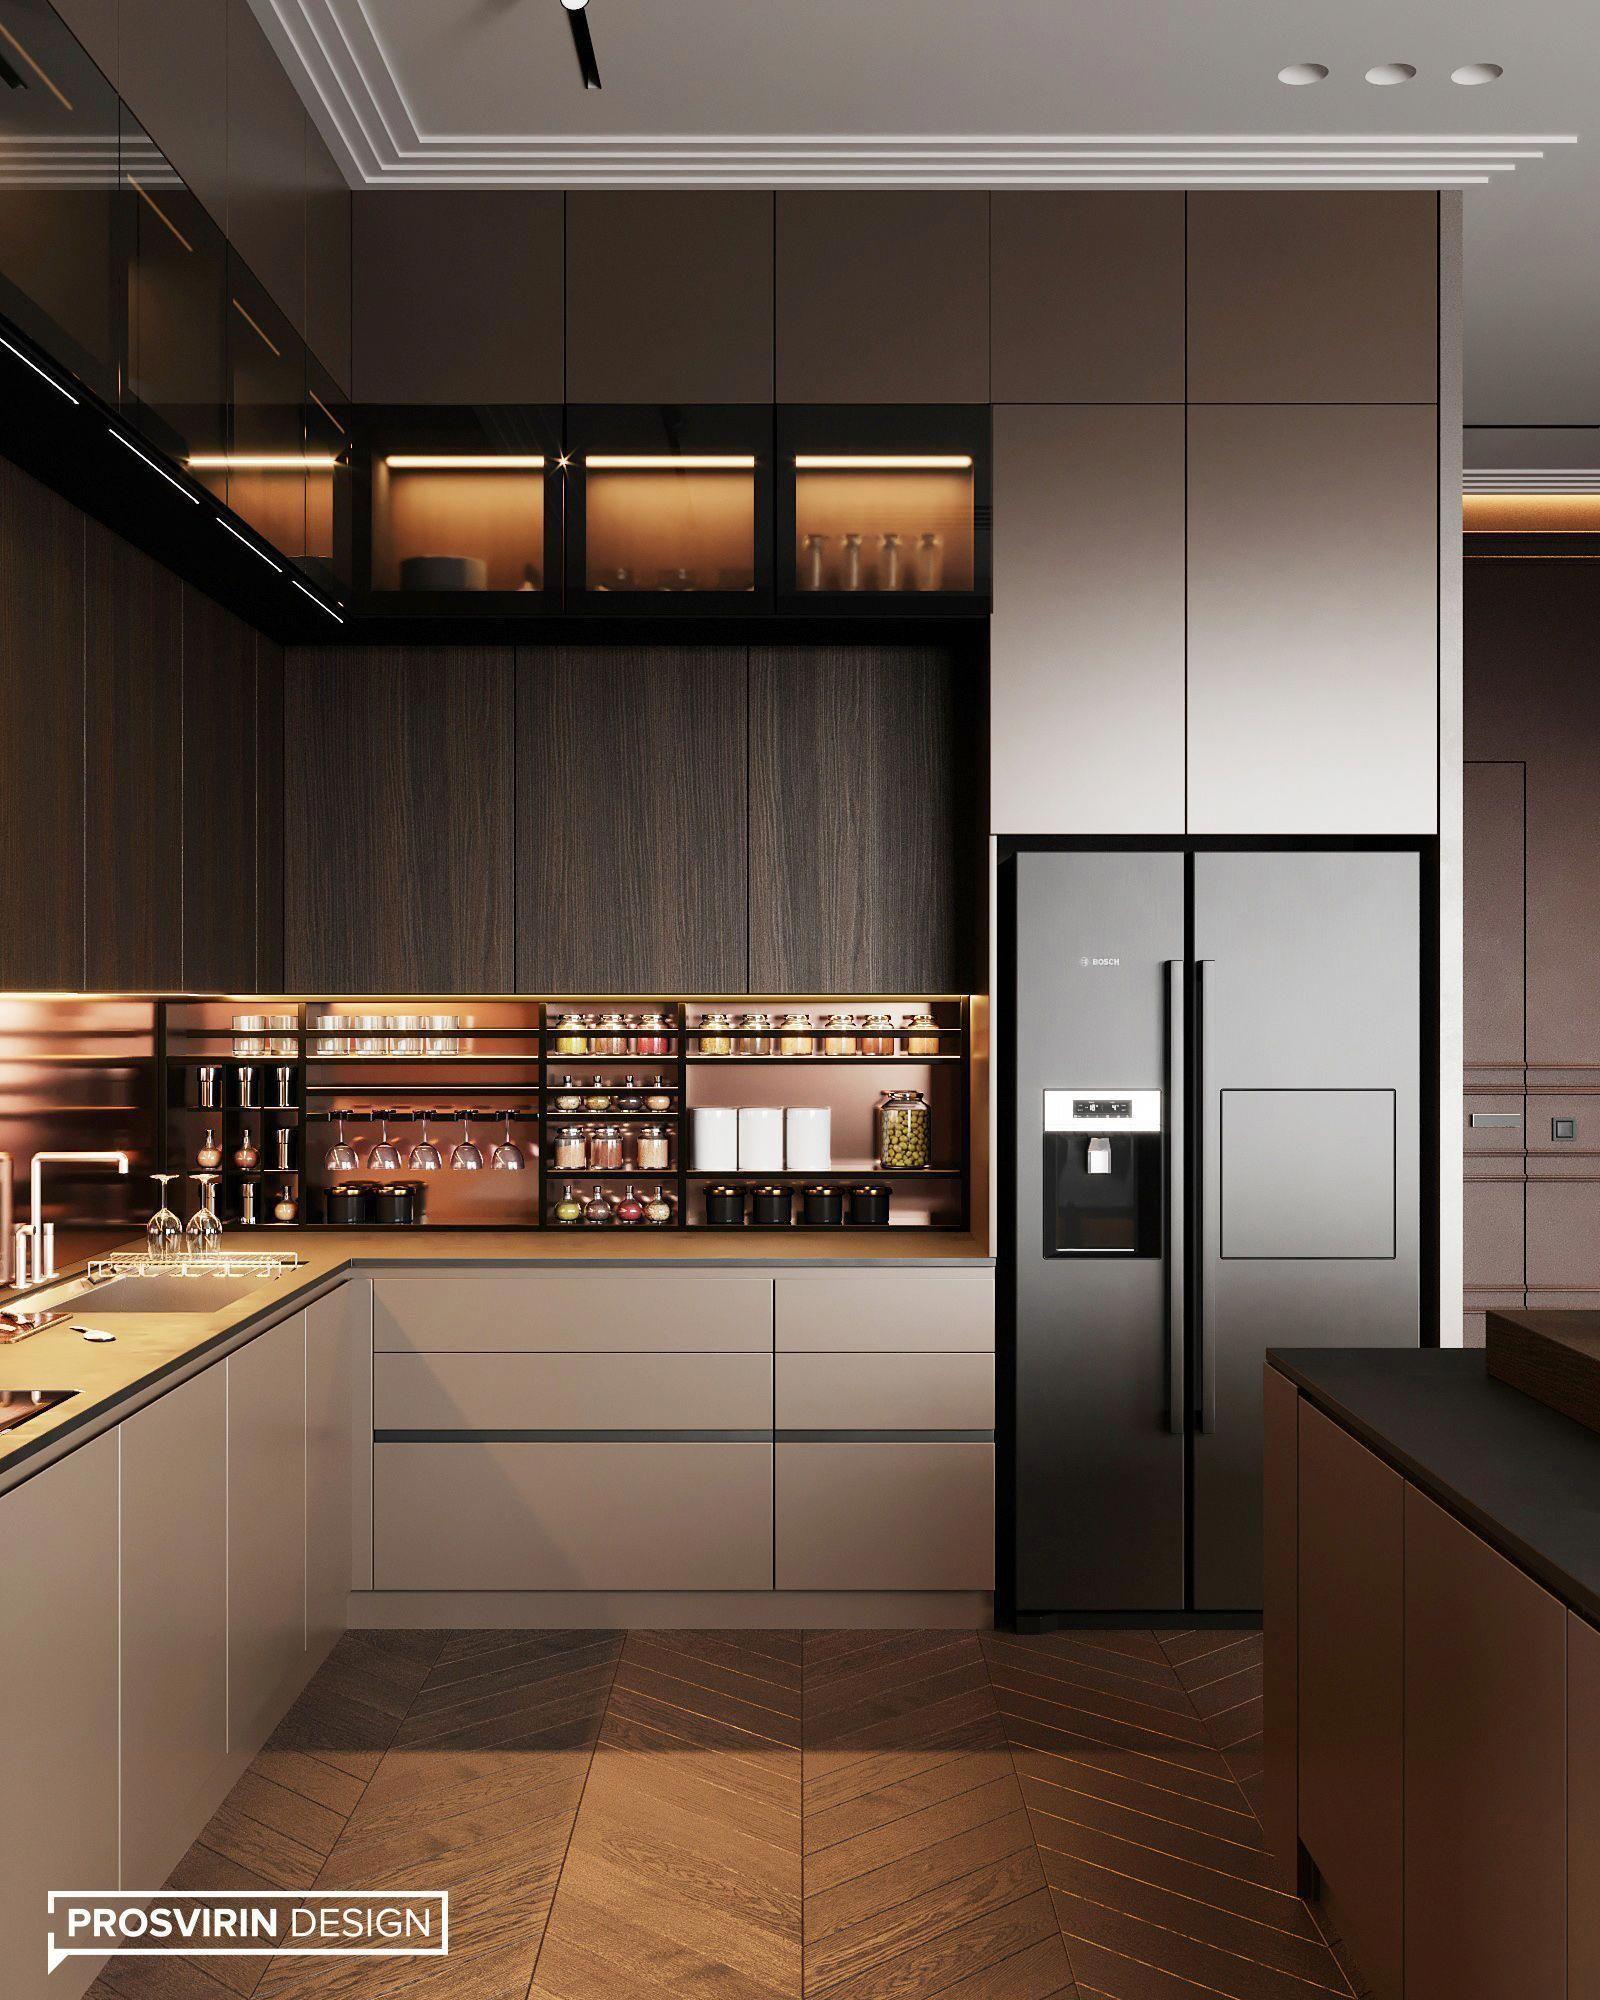 Contemporary Kitchen Design Benefits And Types Of Contemporary Kitchen Contemporary Kitchen Des In 2020 Kitchen Room Design Kitchen Inspiration Design Kitchen Design